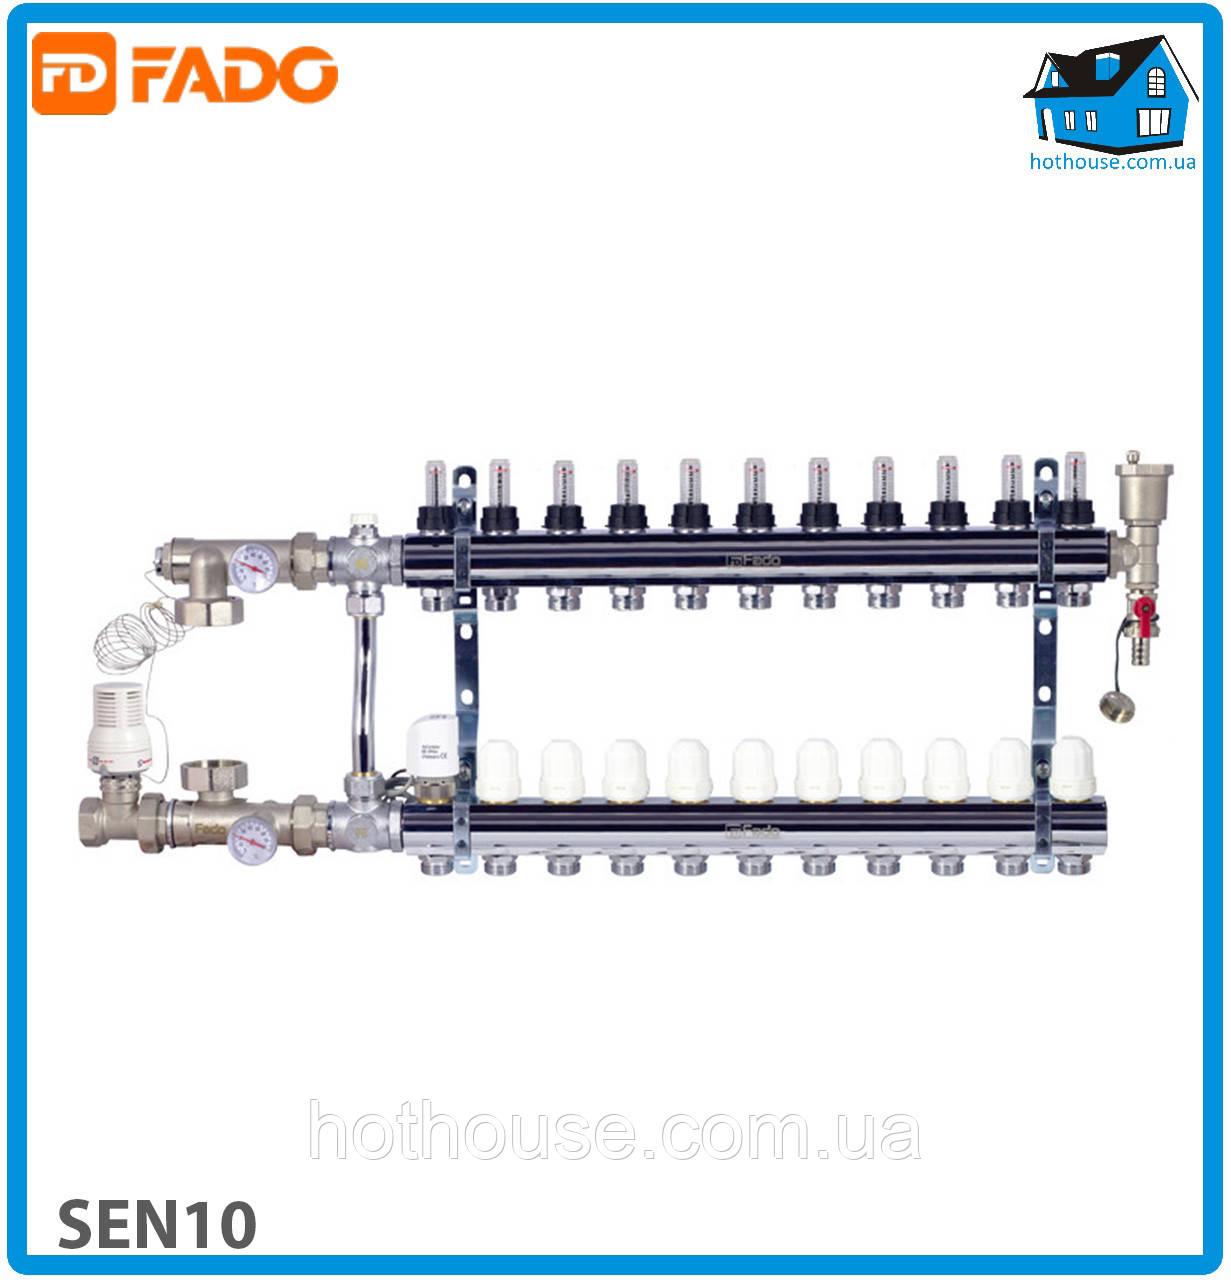 Комплект для підключення системи тепла підлога FADO SEN10 FLOOR 10 виходів